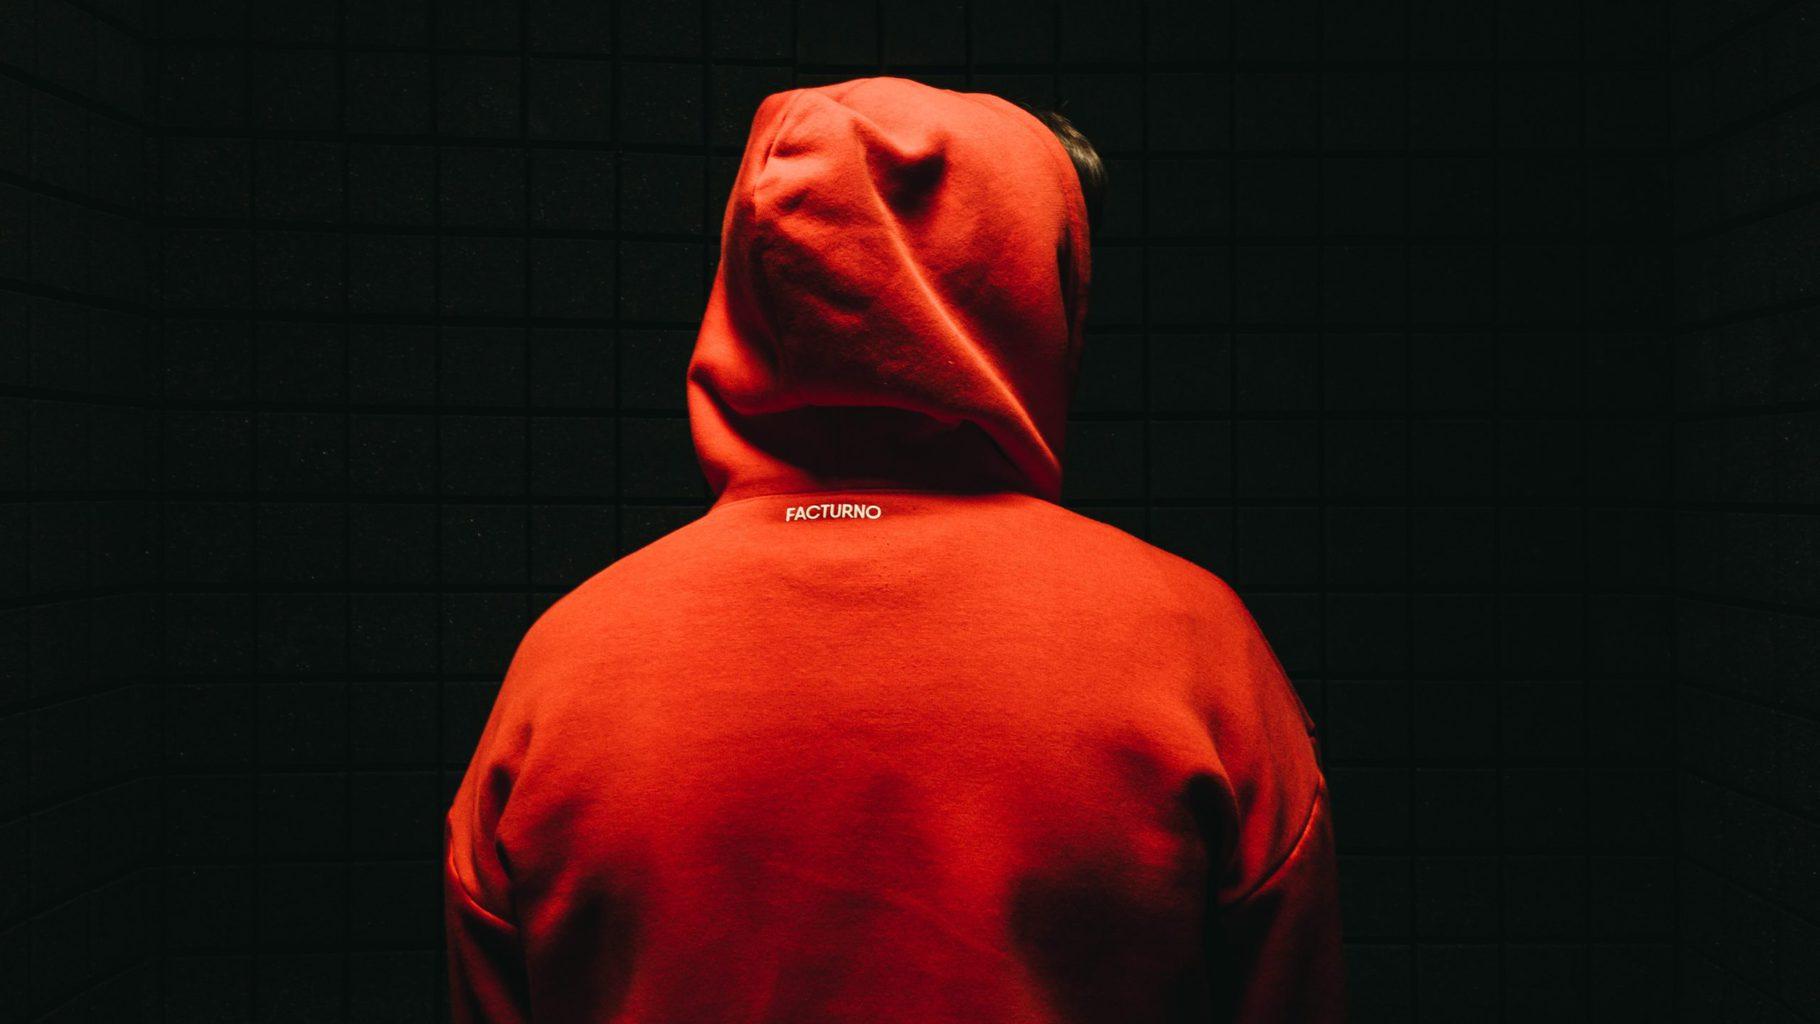 Retrato de espaldas de alguien con capucha roja